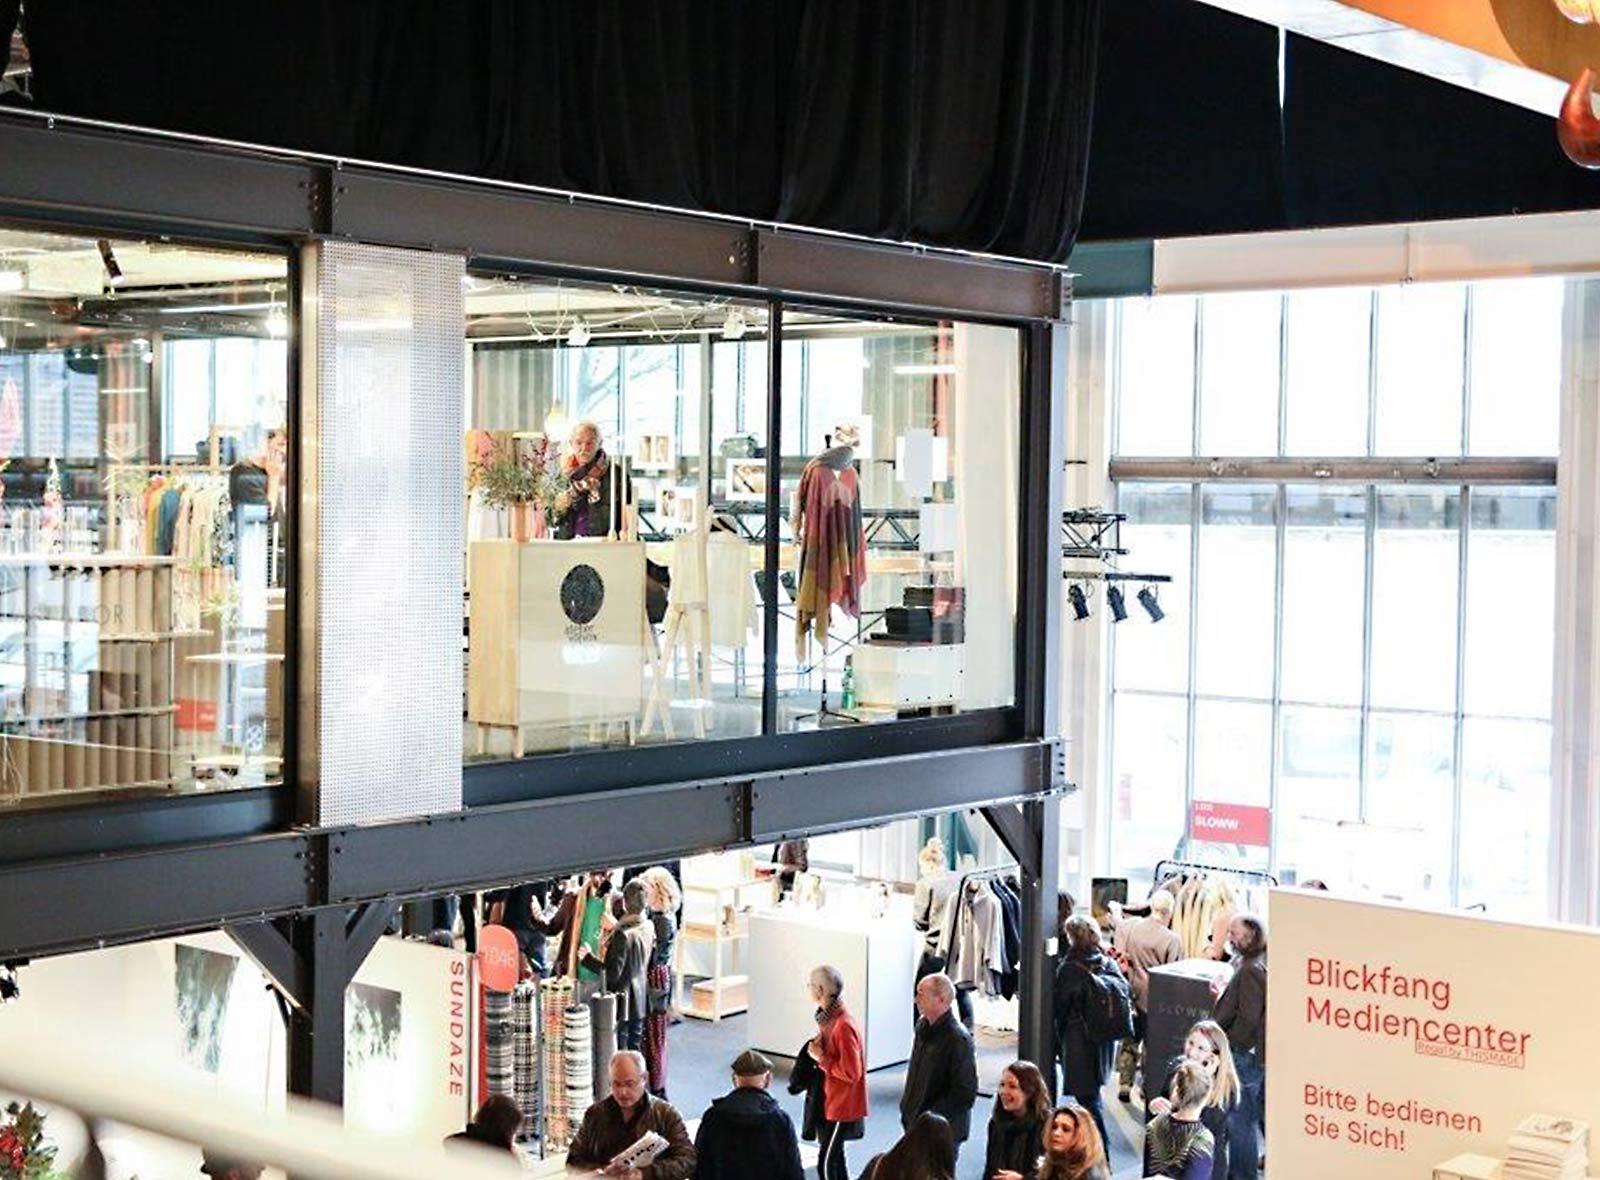 Fabrikhalle Stage One in Zürich-Oerlikon Blickfang 2018